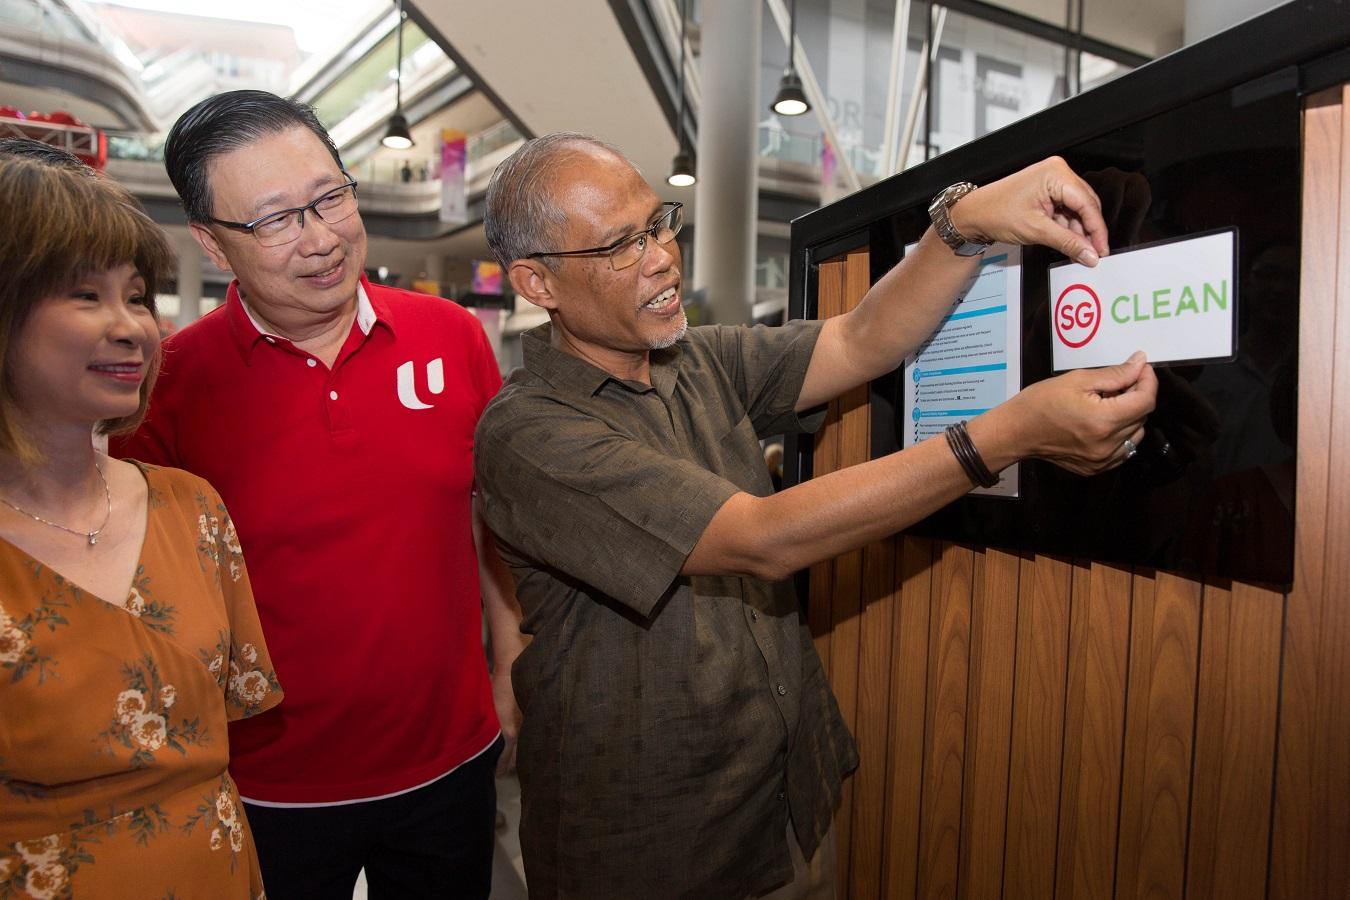 Khách du lịch hoàn toàn yên tâm chọn những điểm vui chơi, giải trí, ăn uống được cấp chứng nhận SG Clean. Ảnh: SG Clean